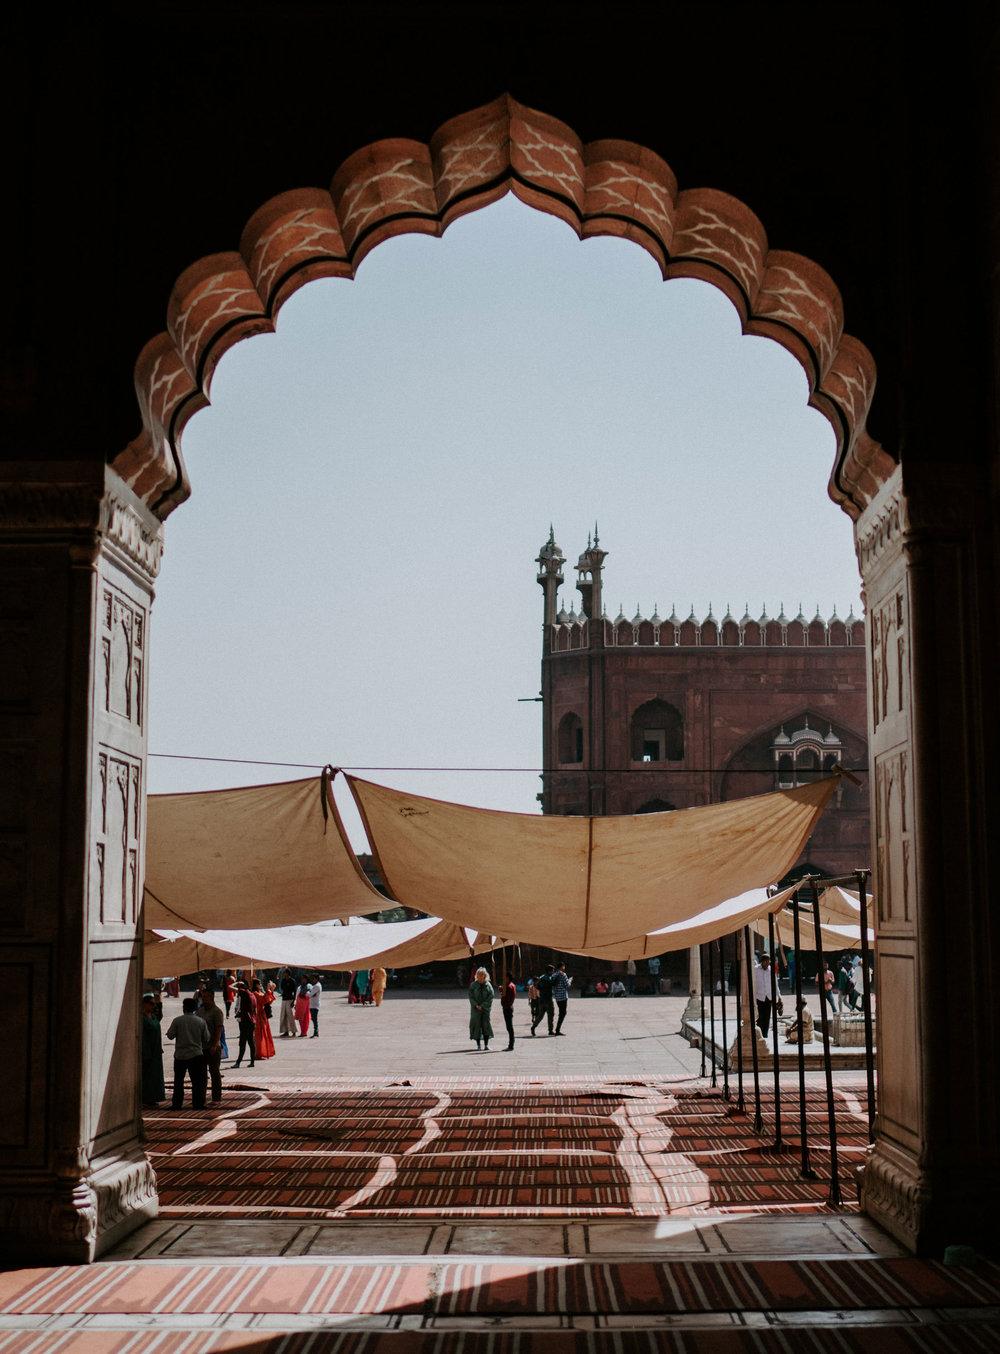 Delhi— - Capital de la India, puerta de entrada a nuestro viaje y a esta tierra de contrastes.Es una metrópoli que alberga miles de años de cultura, arquitectura y una población cosmopolita de variadas nacionalidades, que crece y se moderniza a pasos agigantados.Visitaremos monumentos, templos y mercados tanto de la antigua, así como la nueva y moderna Delhi.Más Información: Descargar Catálogo